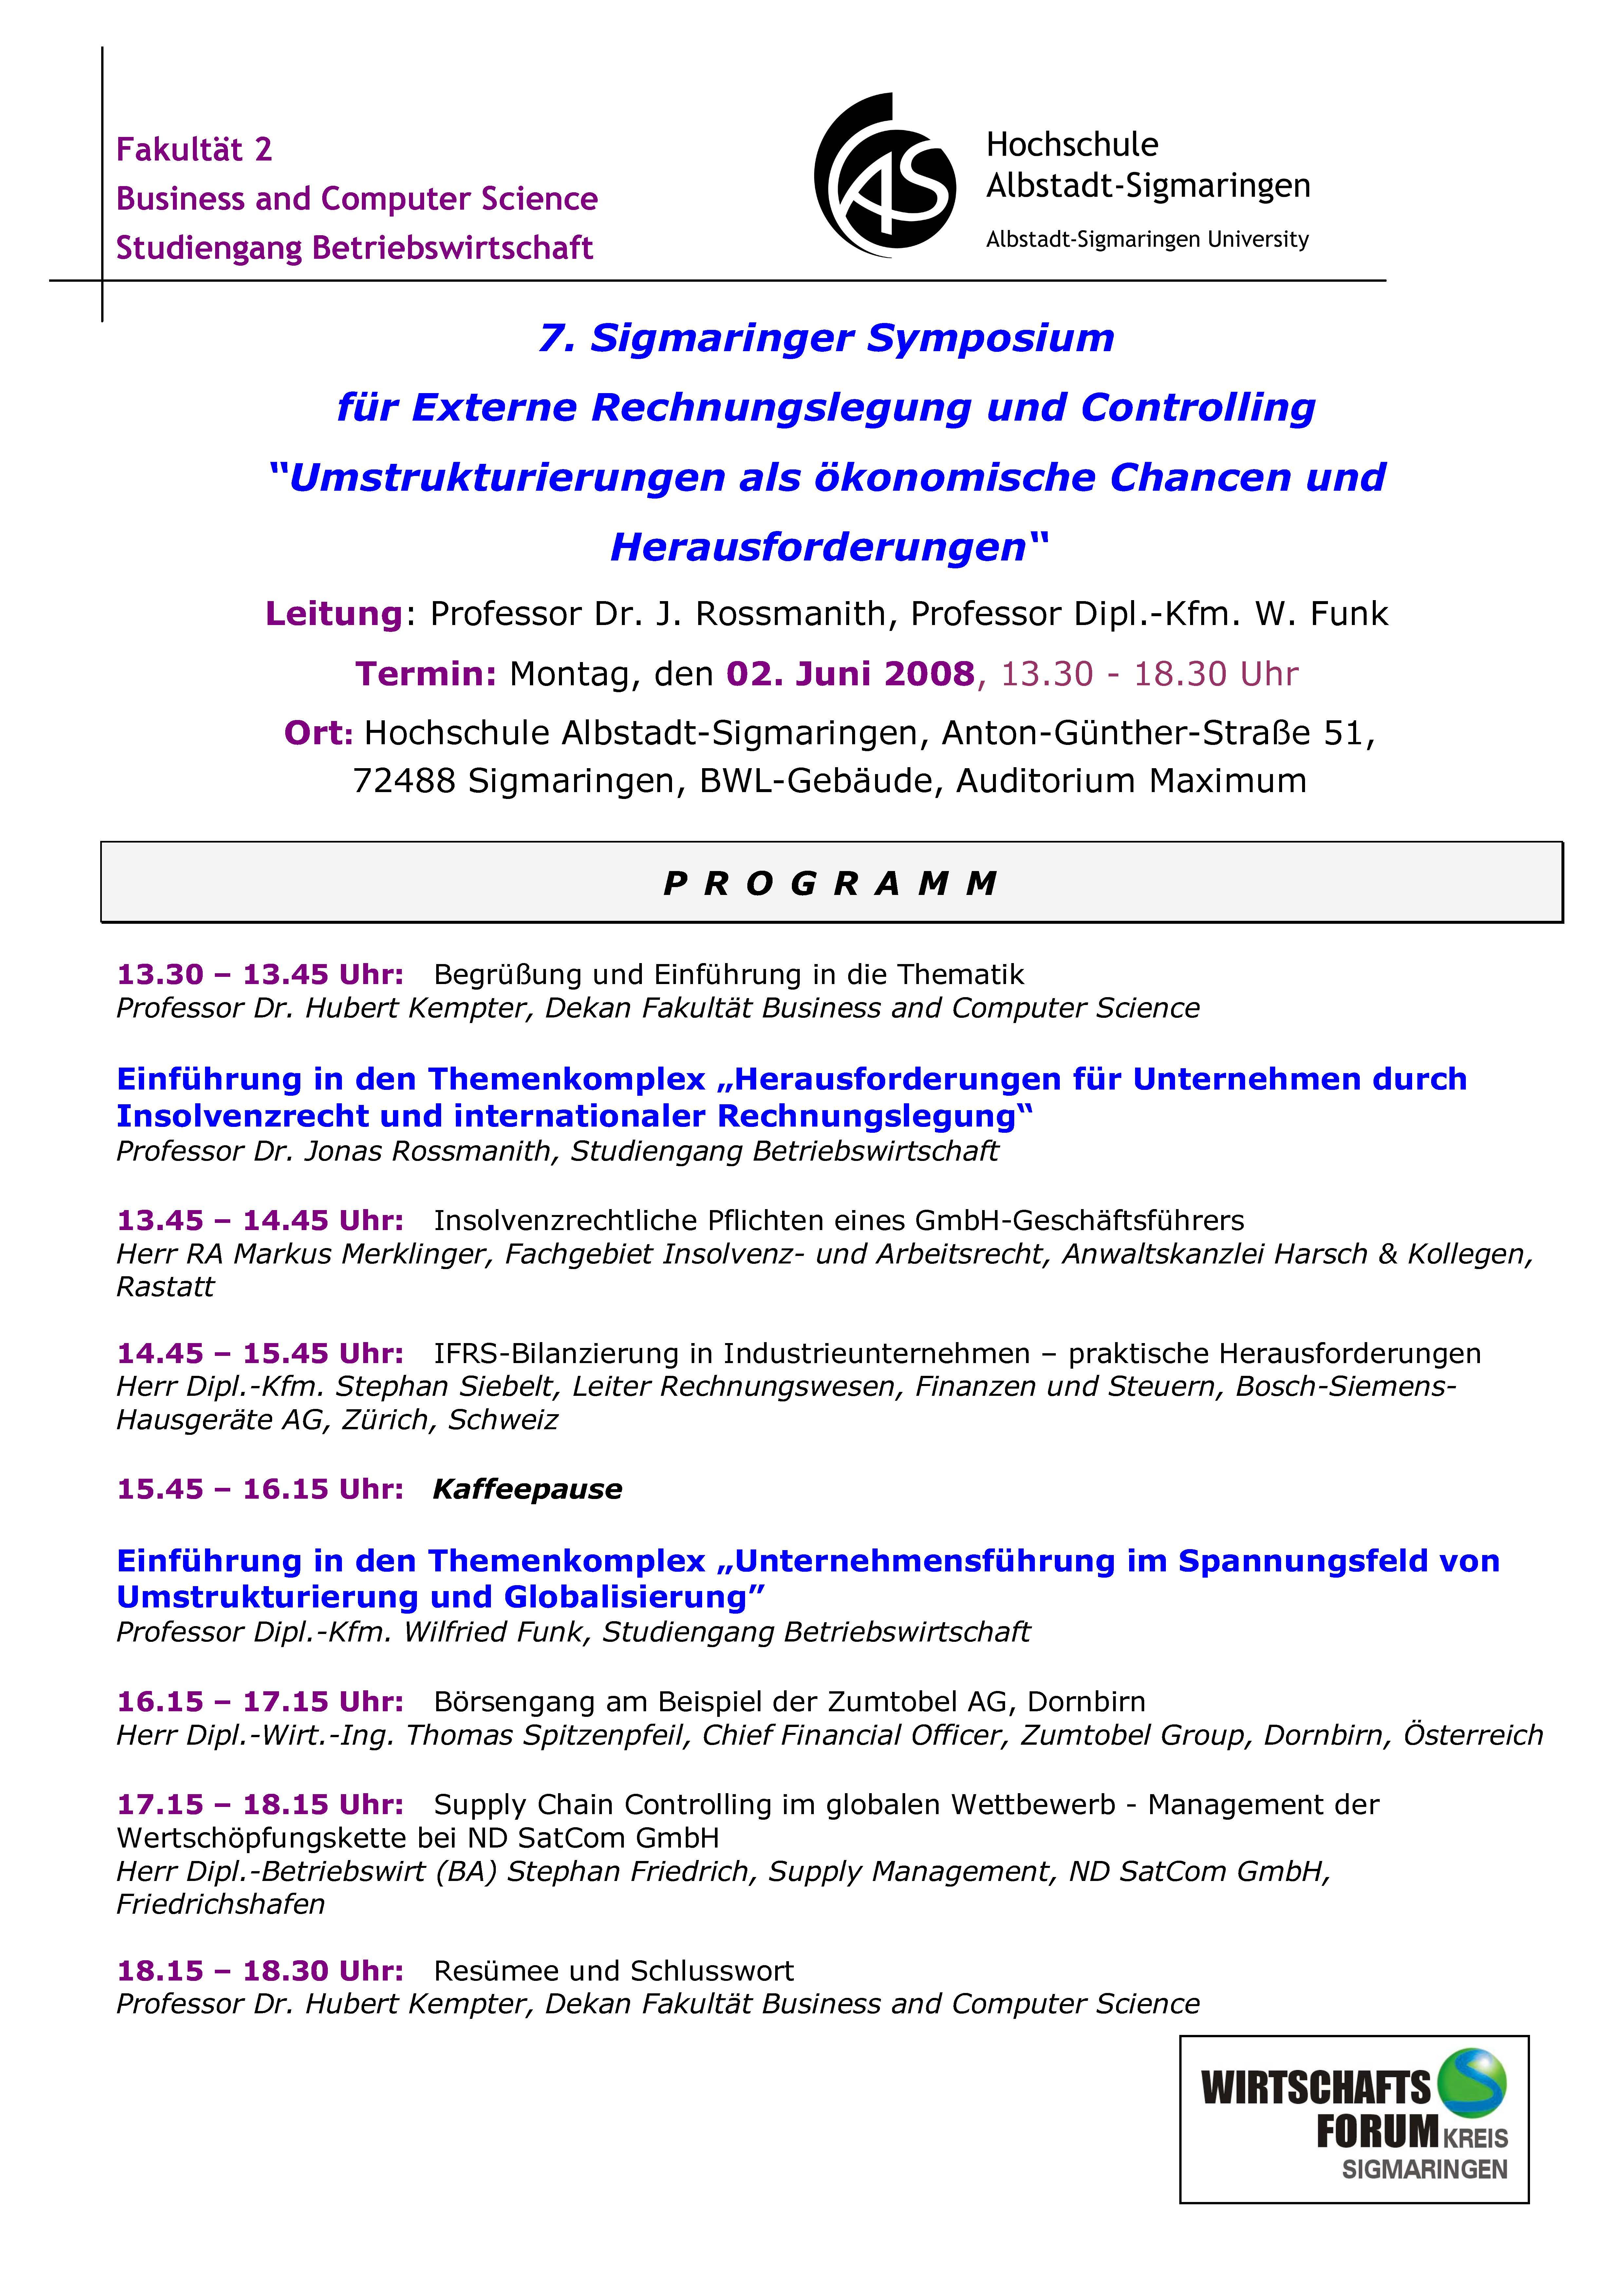 """02.06.2008 7. Sigmaringer Symposium für externe Rechnungslegung und  Controlling """"Umstrukturierungen als ökonomische Chancen und  Herausforderungen"""""""